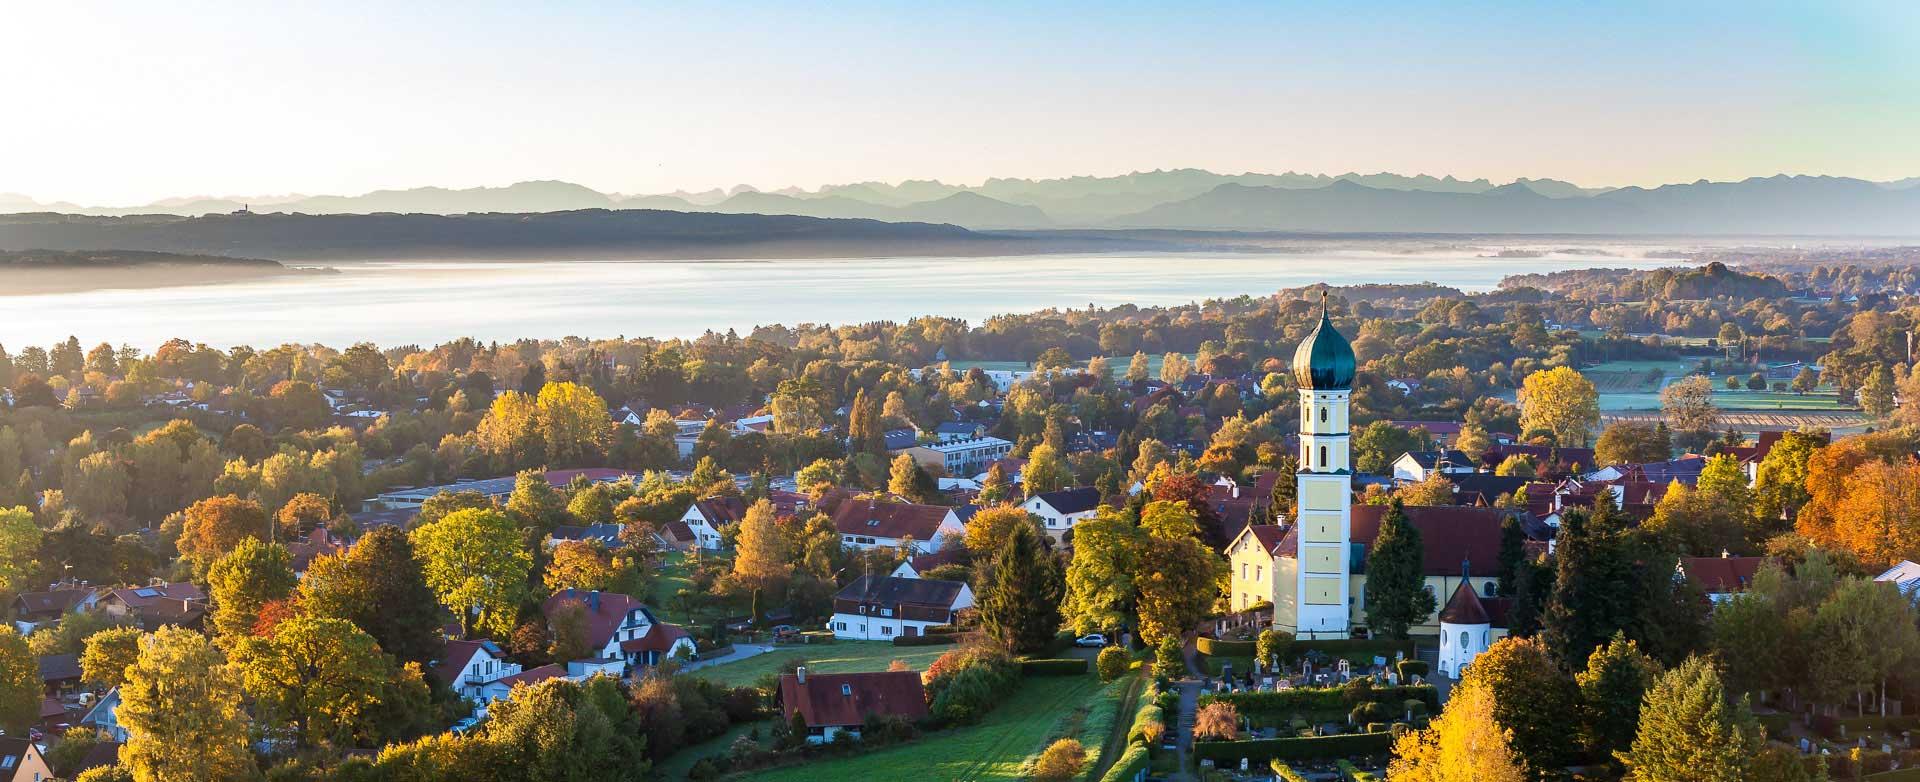 Luftbild Schondorf